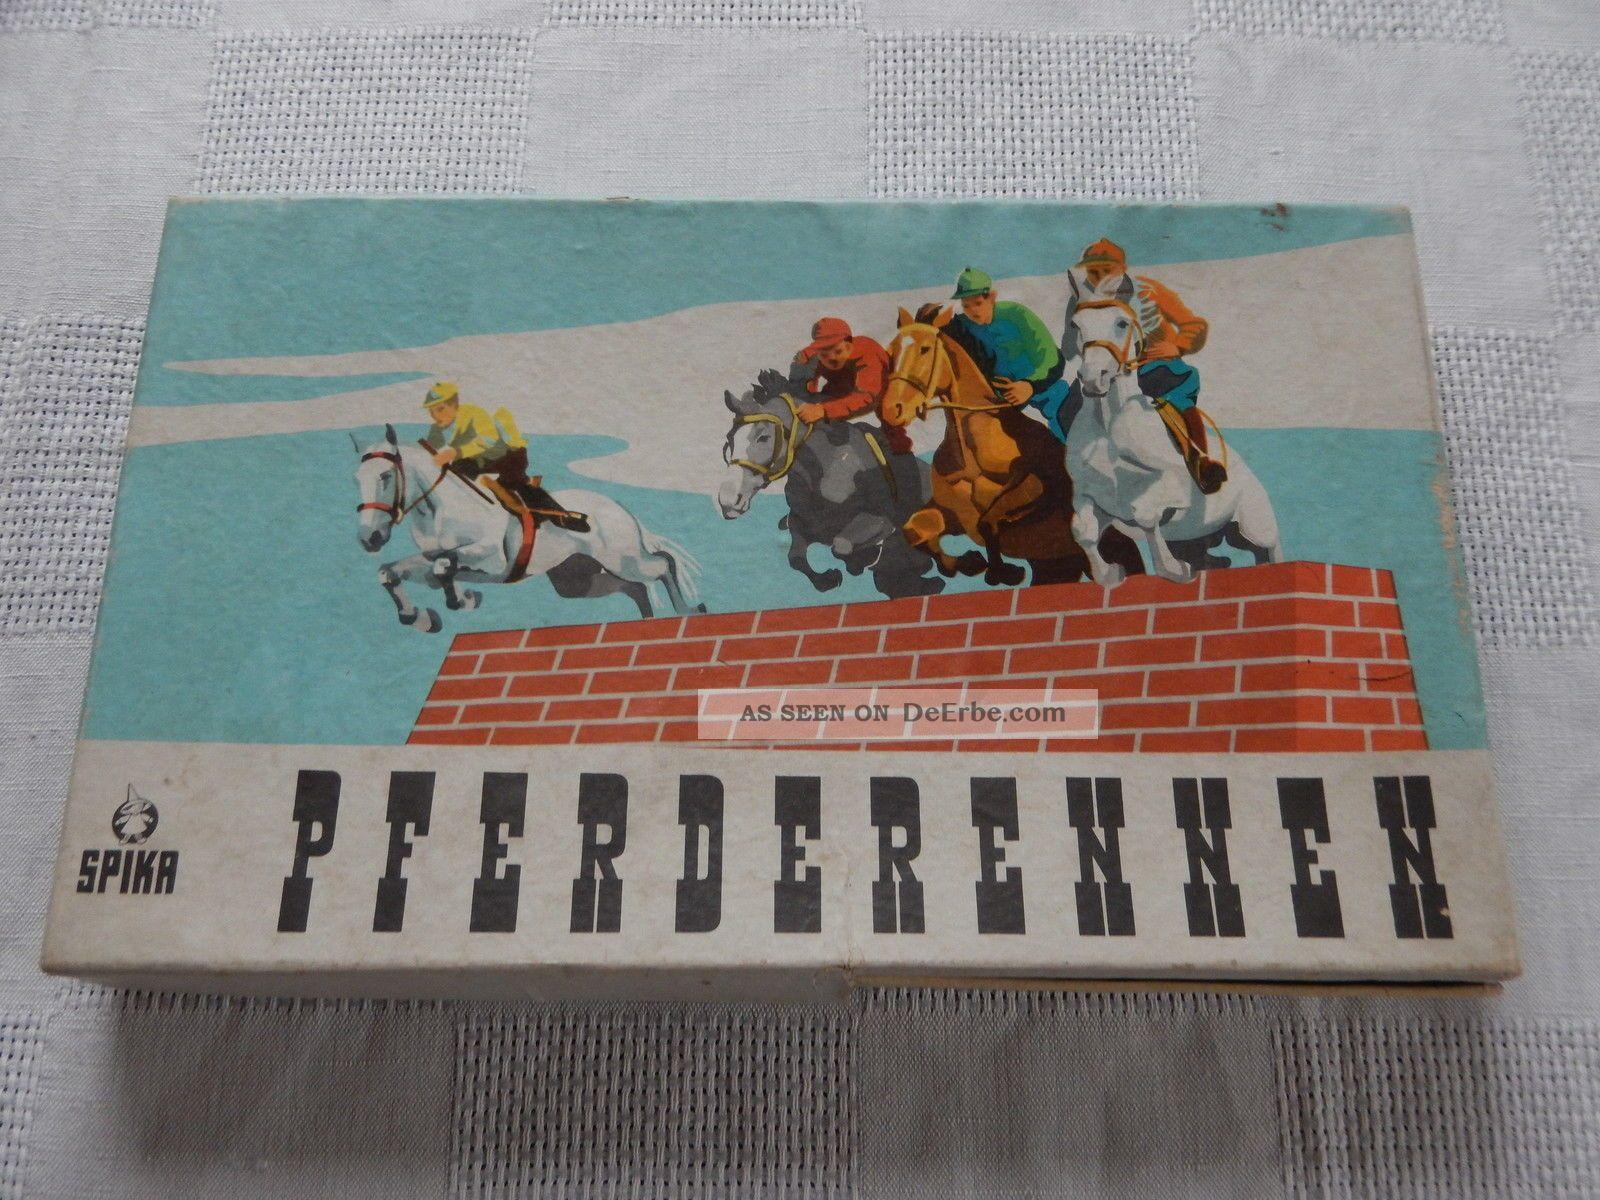 Antikspielzeug Gesellschaftsspiele Gefertigt Nach 1945 Brett